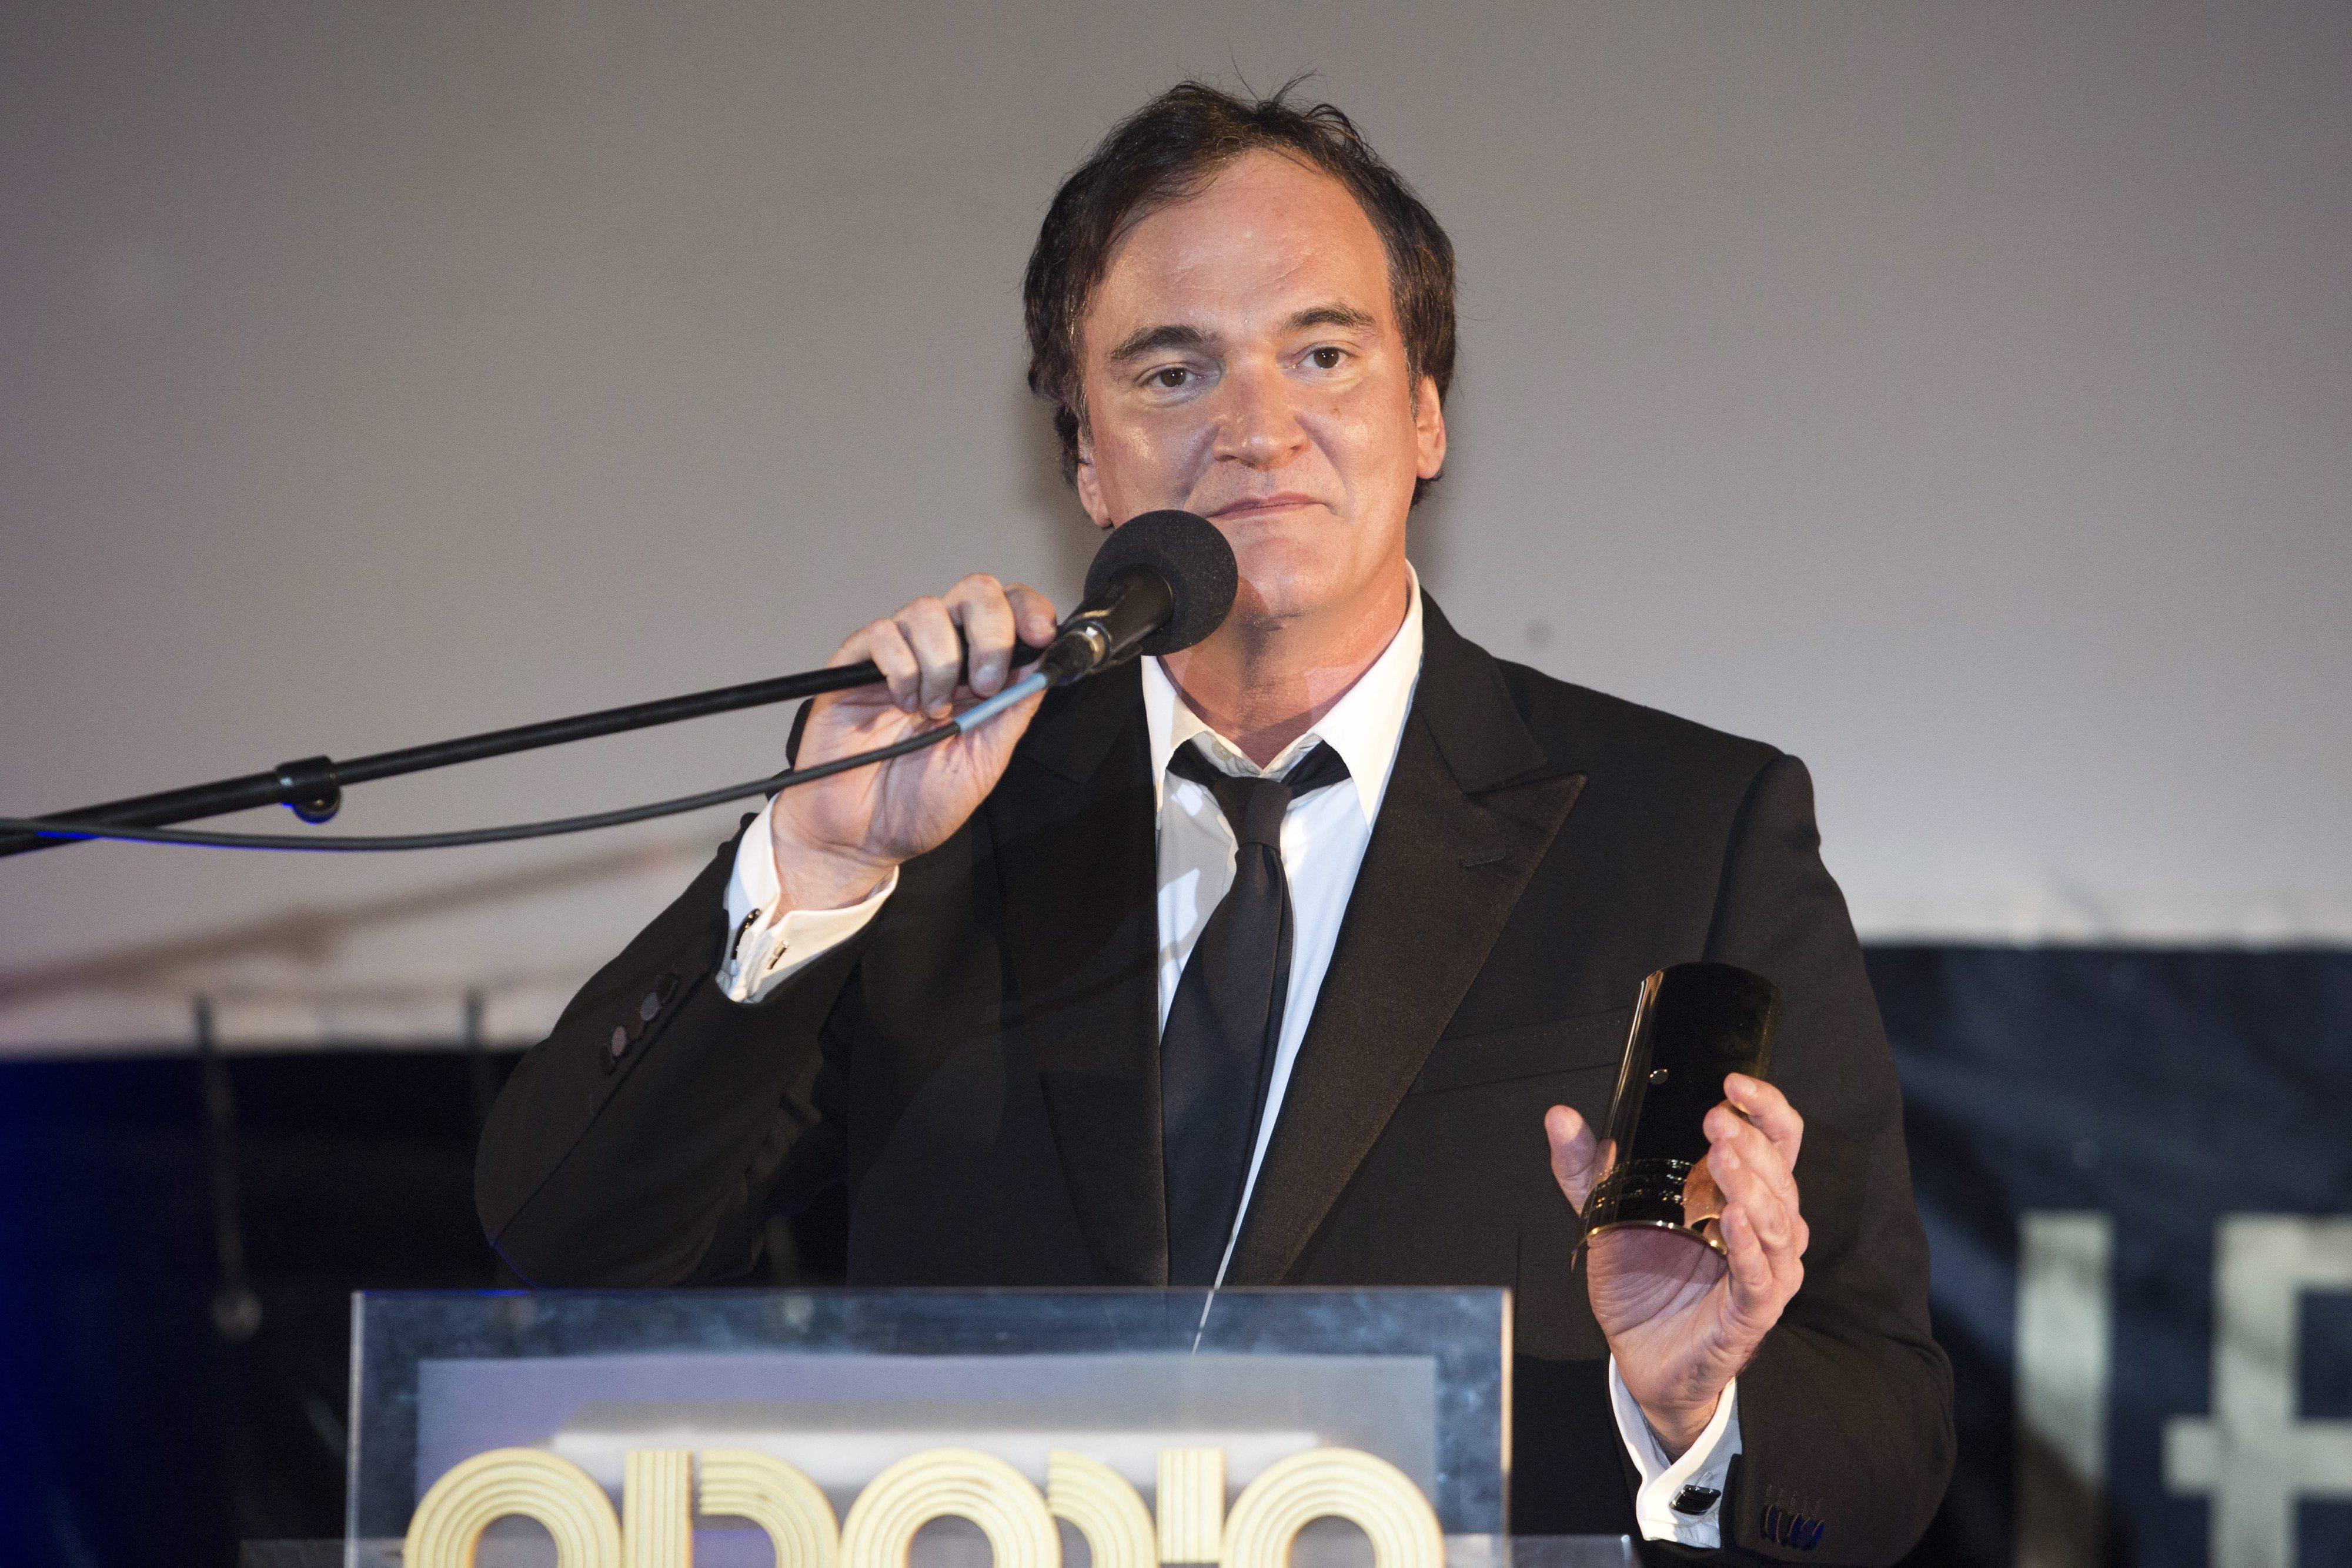 Leonardo DiCaprio e Brad Pitt serão a próxima dupla mítica do cinema, diz Tarantino